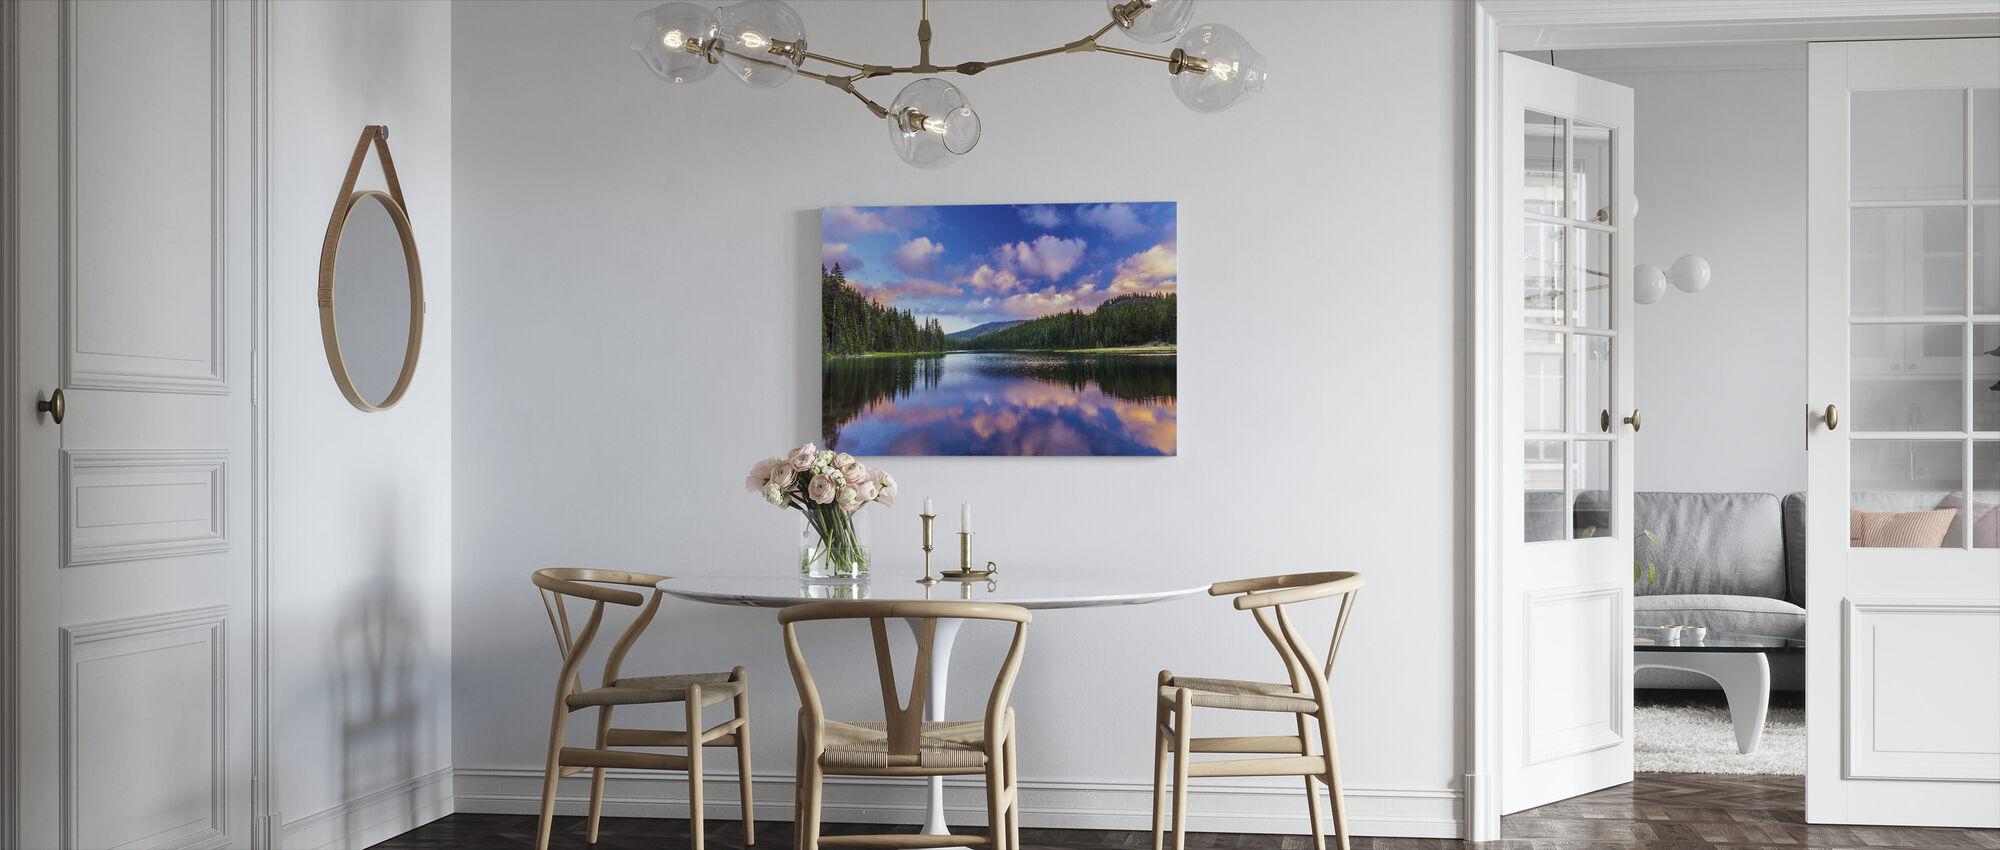 Todd Lake Bend - Canvas print - Kitchen